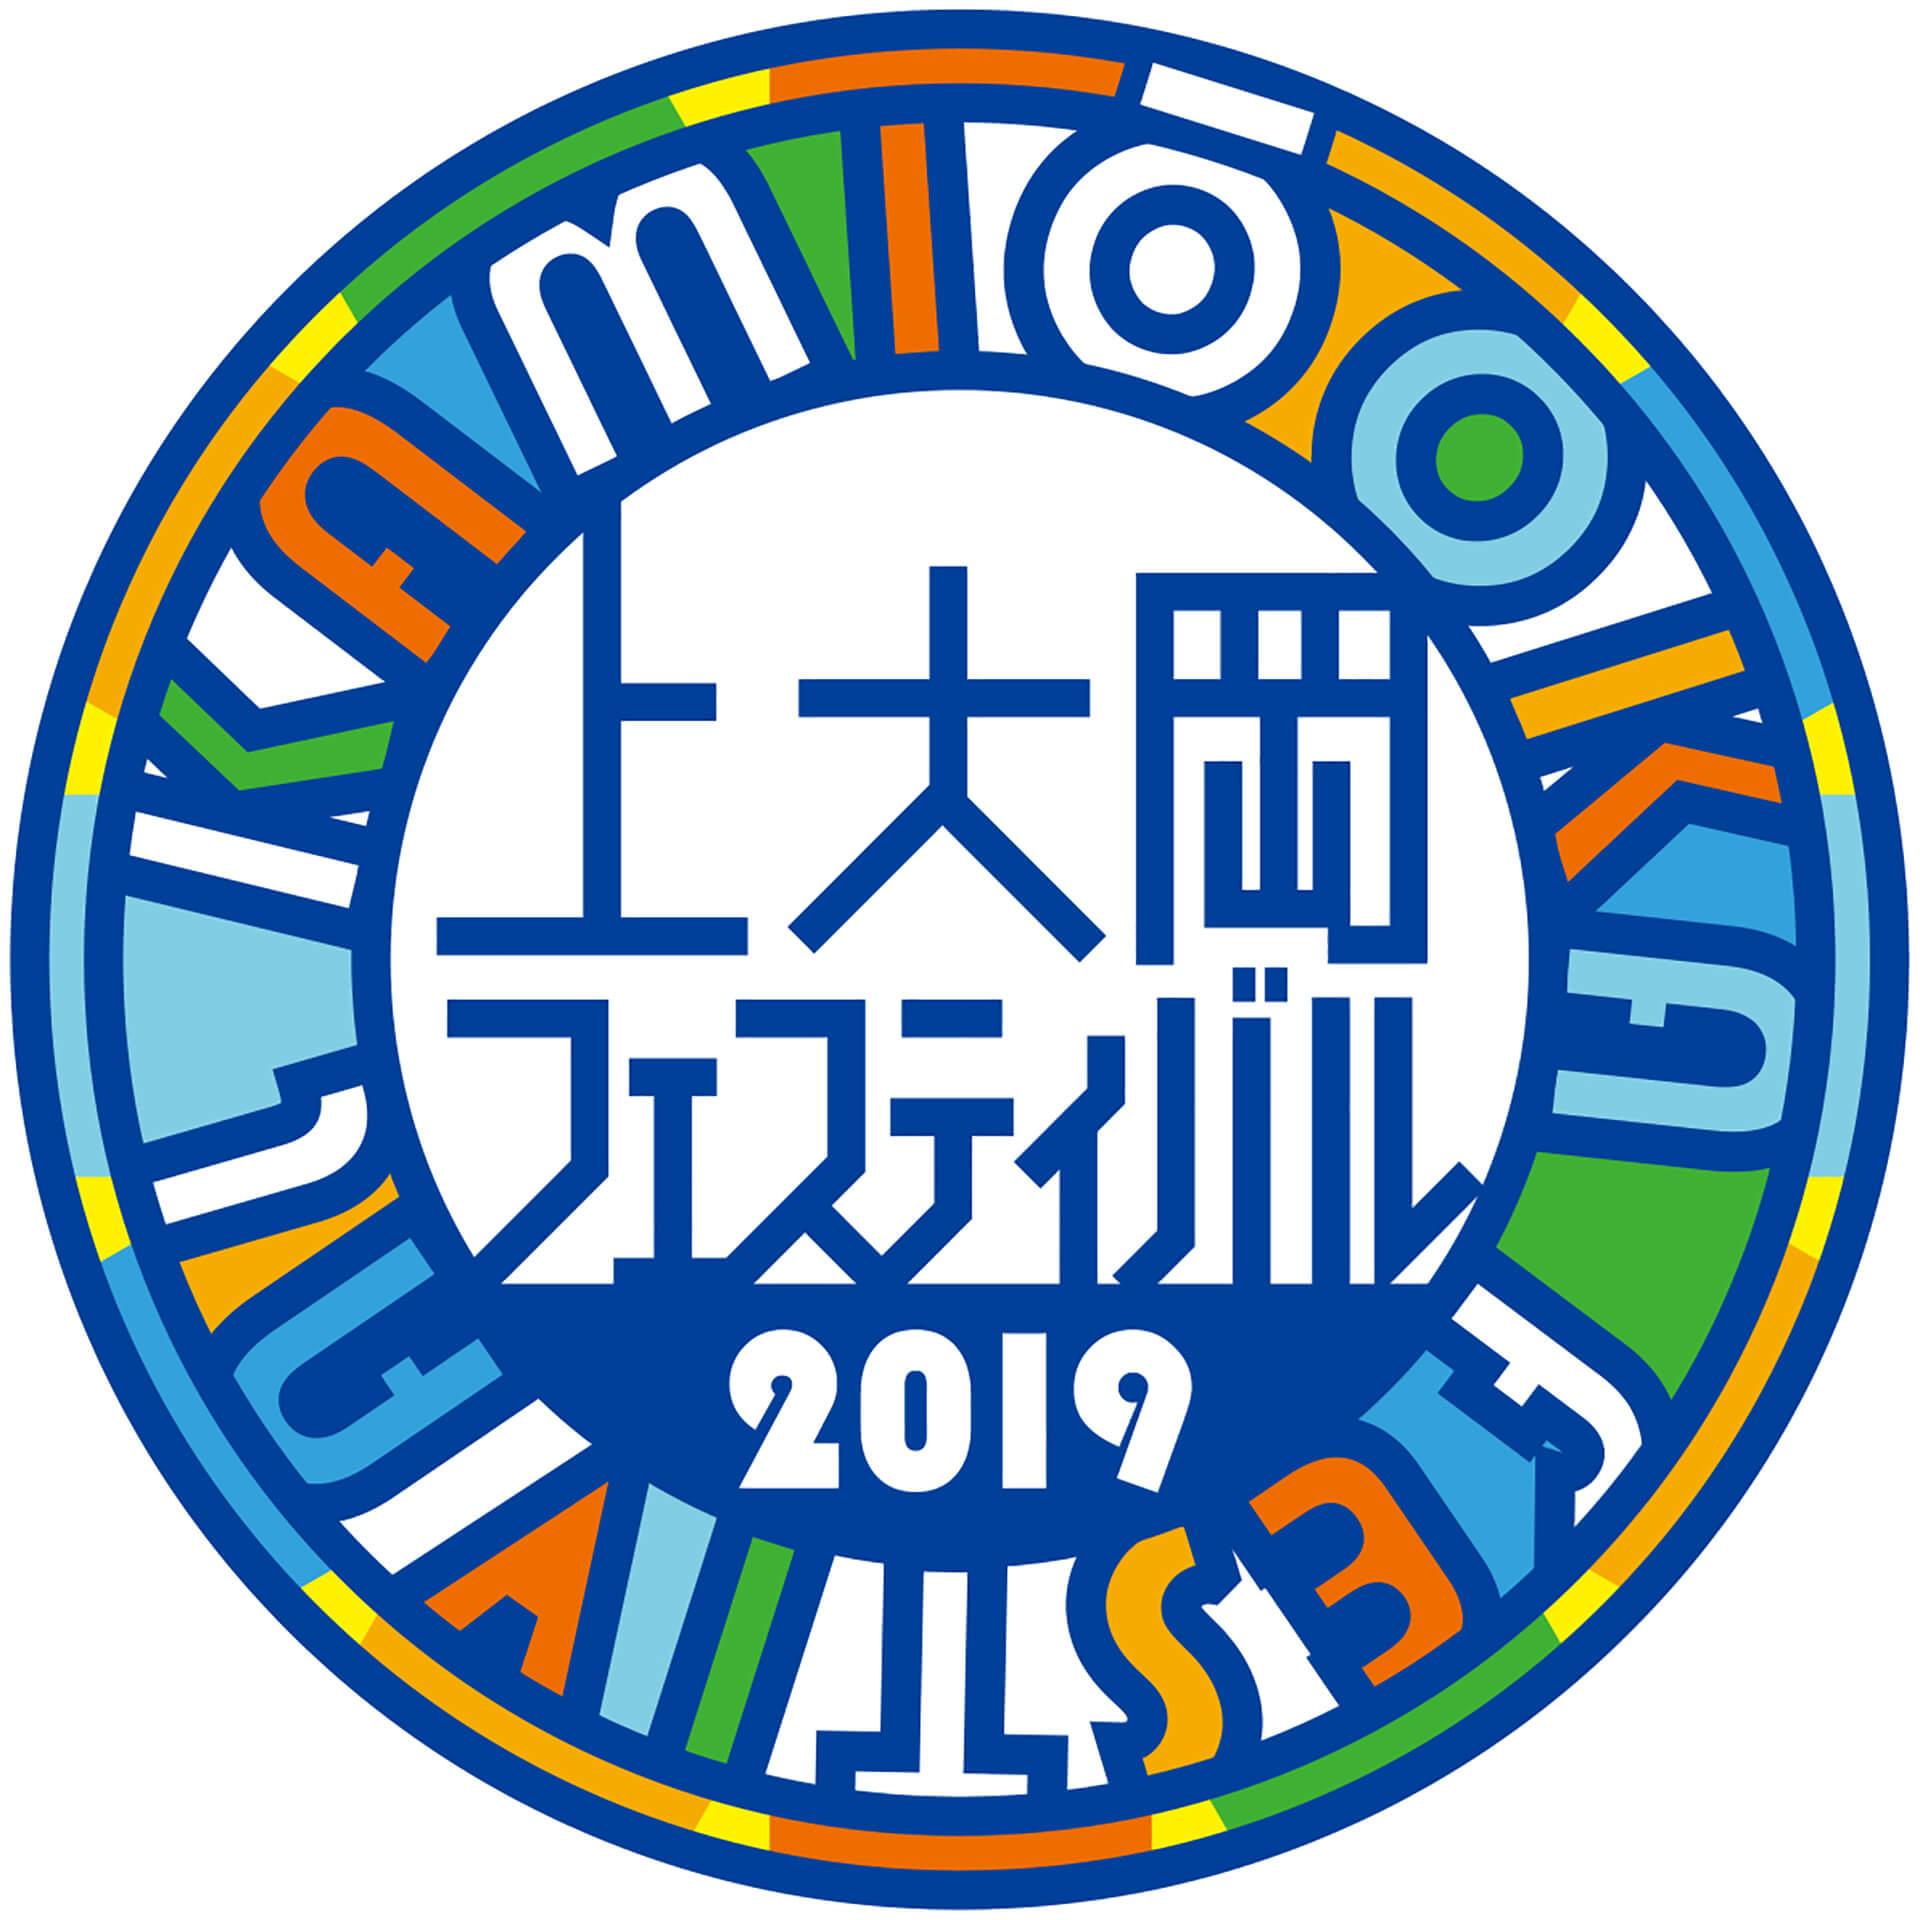 この写真は上大岡フェスティバルのロゴ